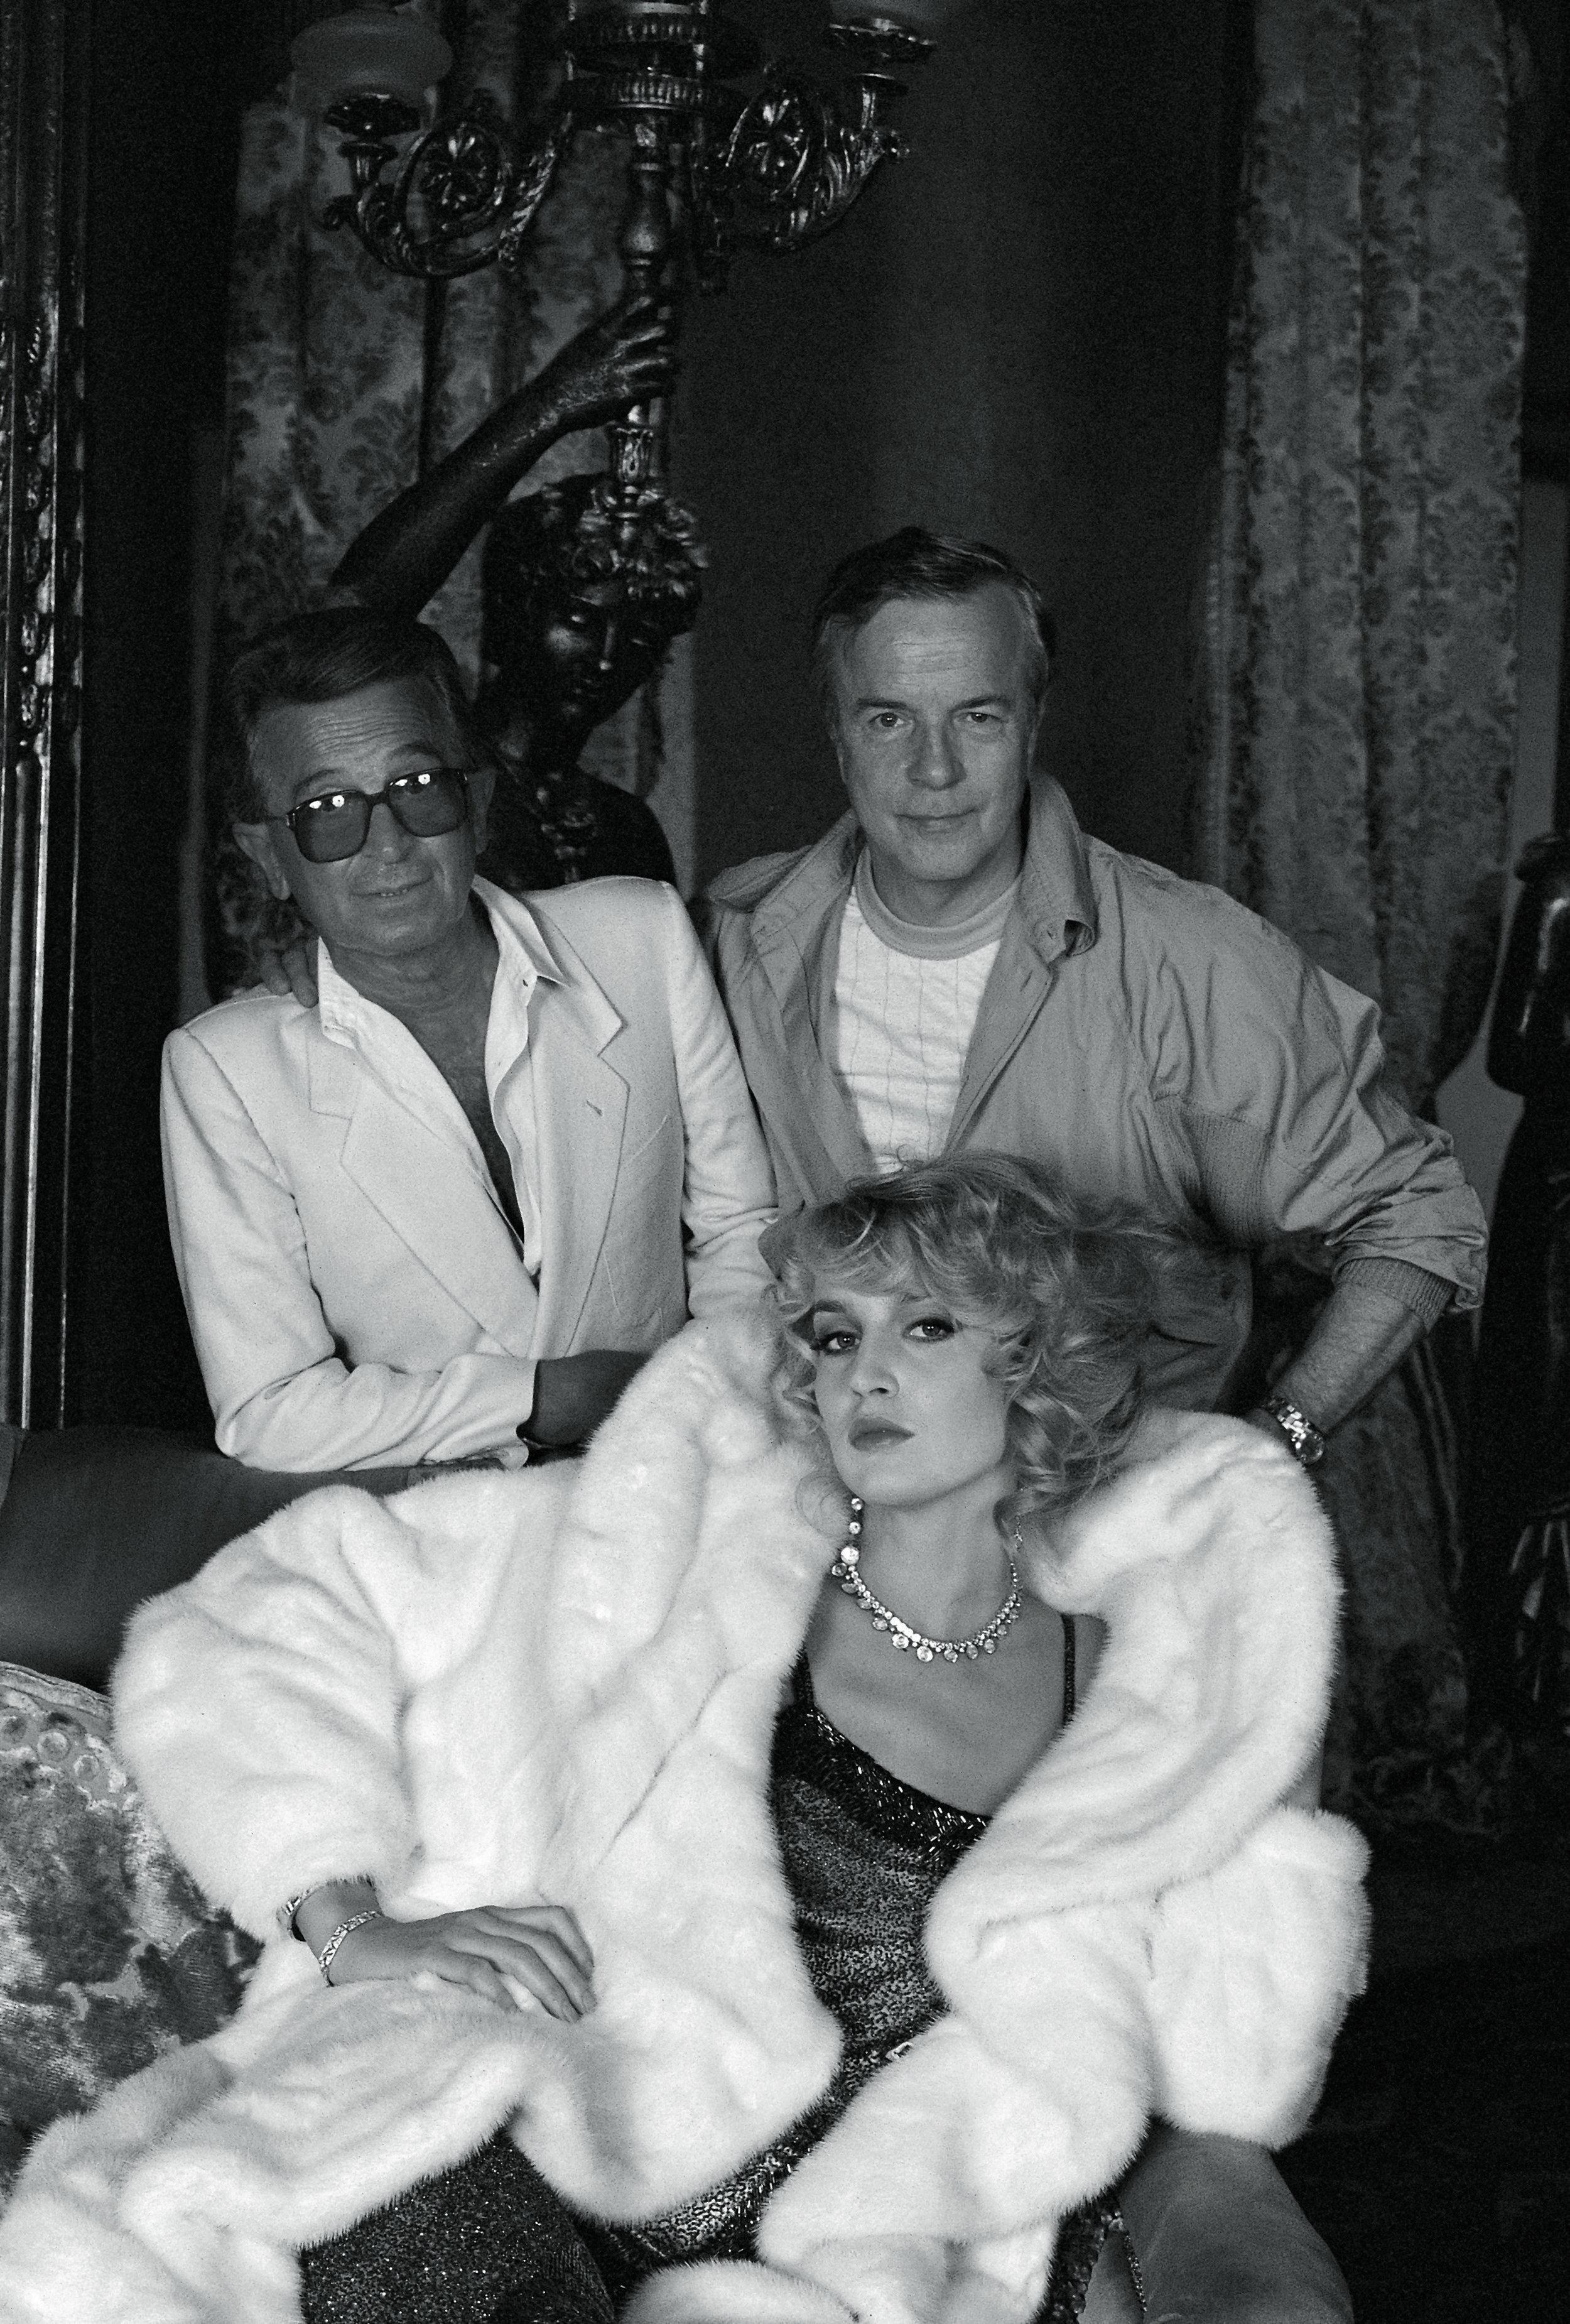 Il Maestro Franco Zeffirelli firma per Annabella la regia di uno spot televisivo… - con protagonista Jerry Hall.